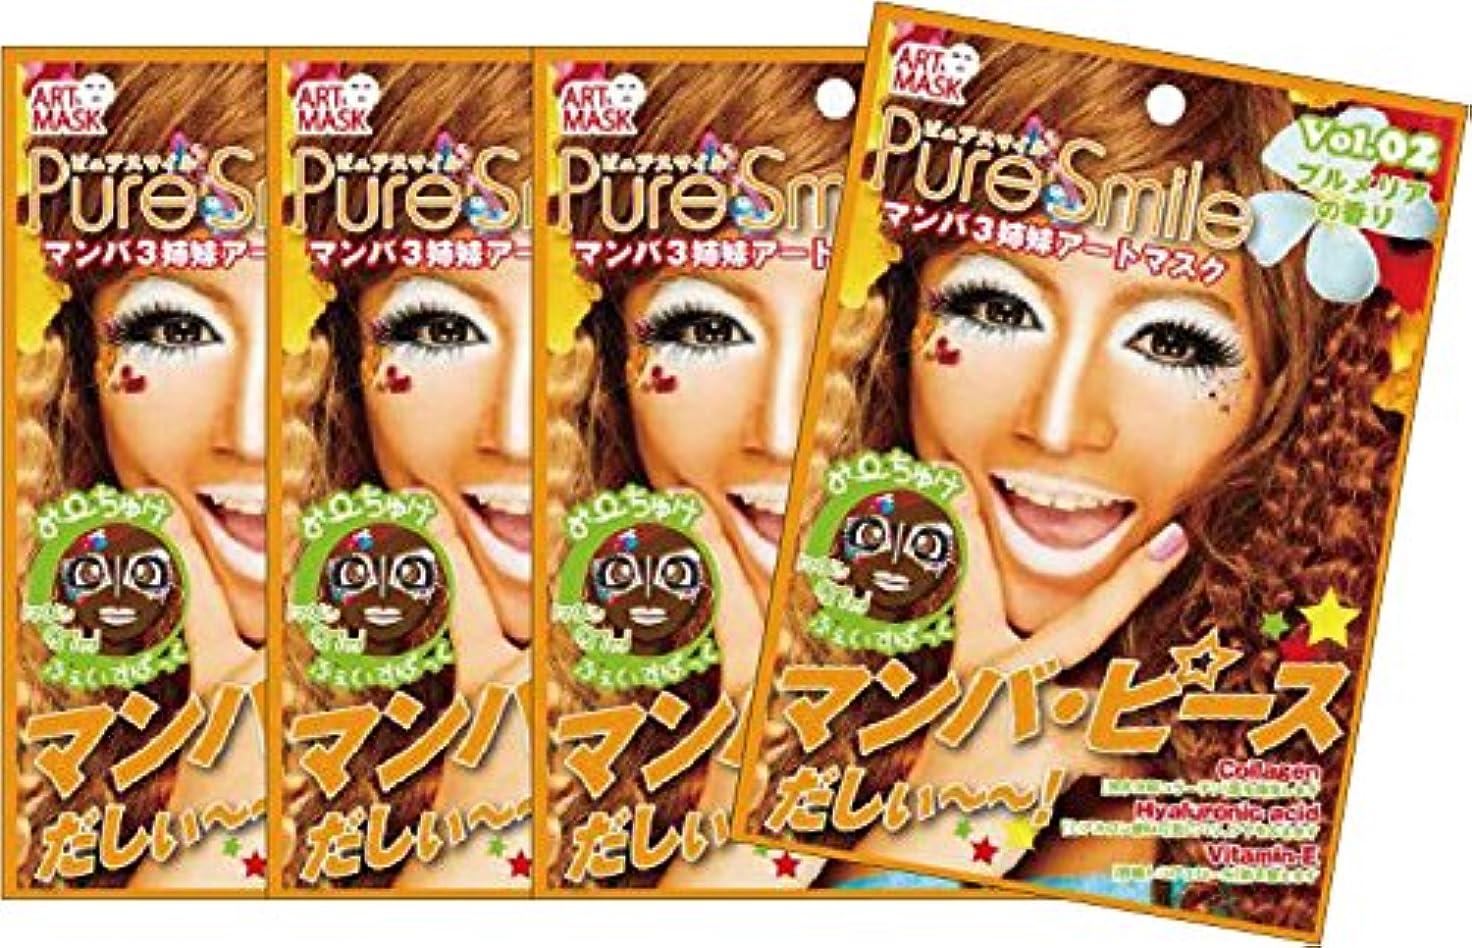 現像大事にするマークされたピュアスマイル 『マンバ3姉妹シリーズアートマスク』(みーちゅけ/プルメリアの香り)4枚セット